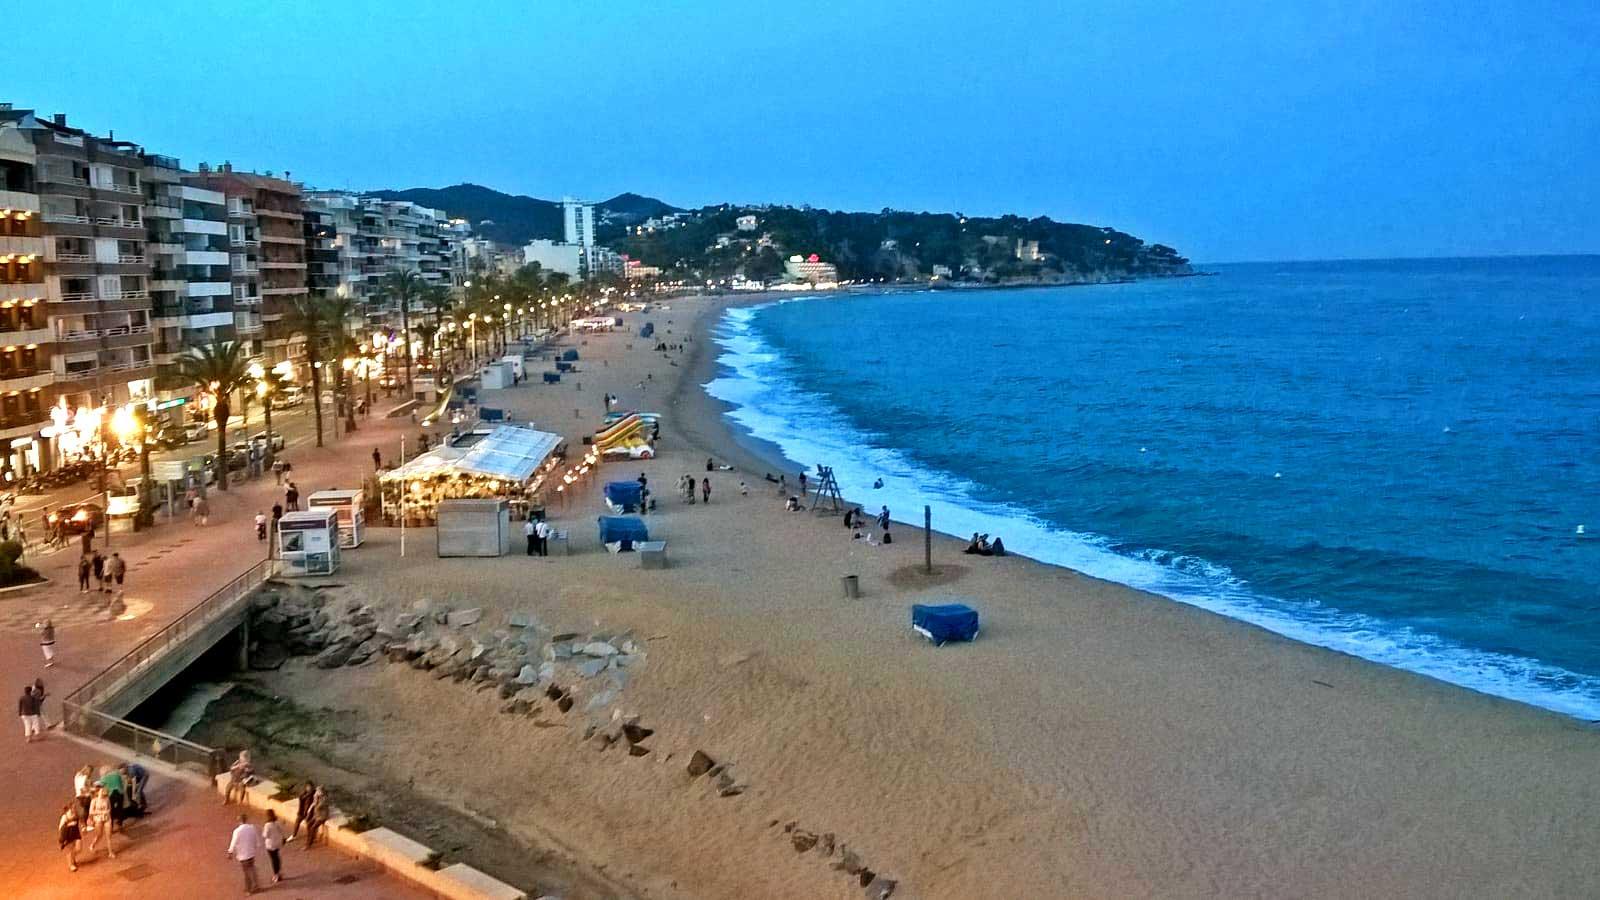 Vistas de la playa de Lloret de Mar desde Attics La Carpa